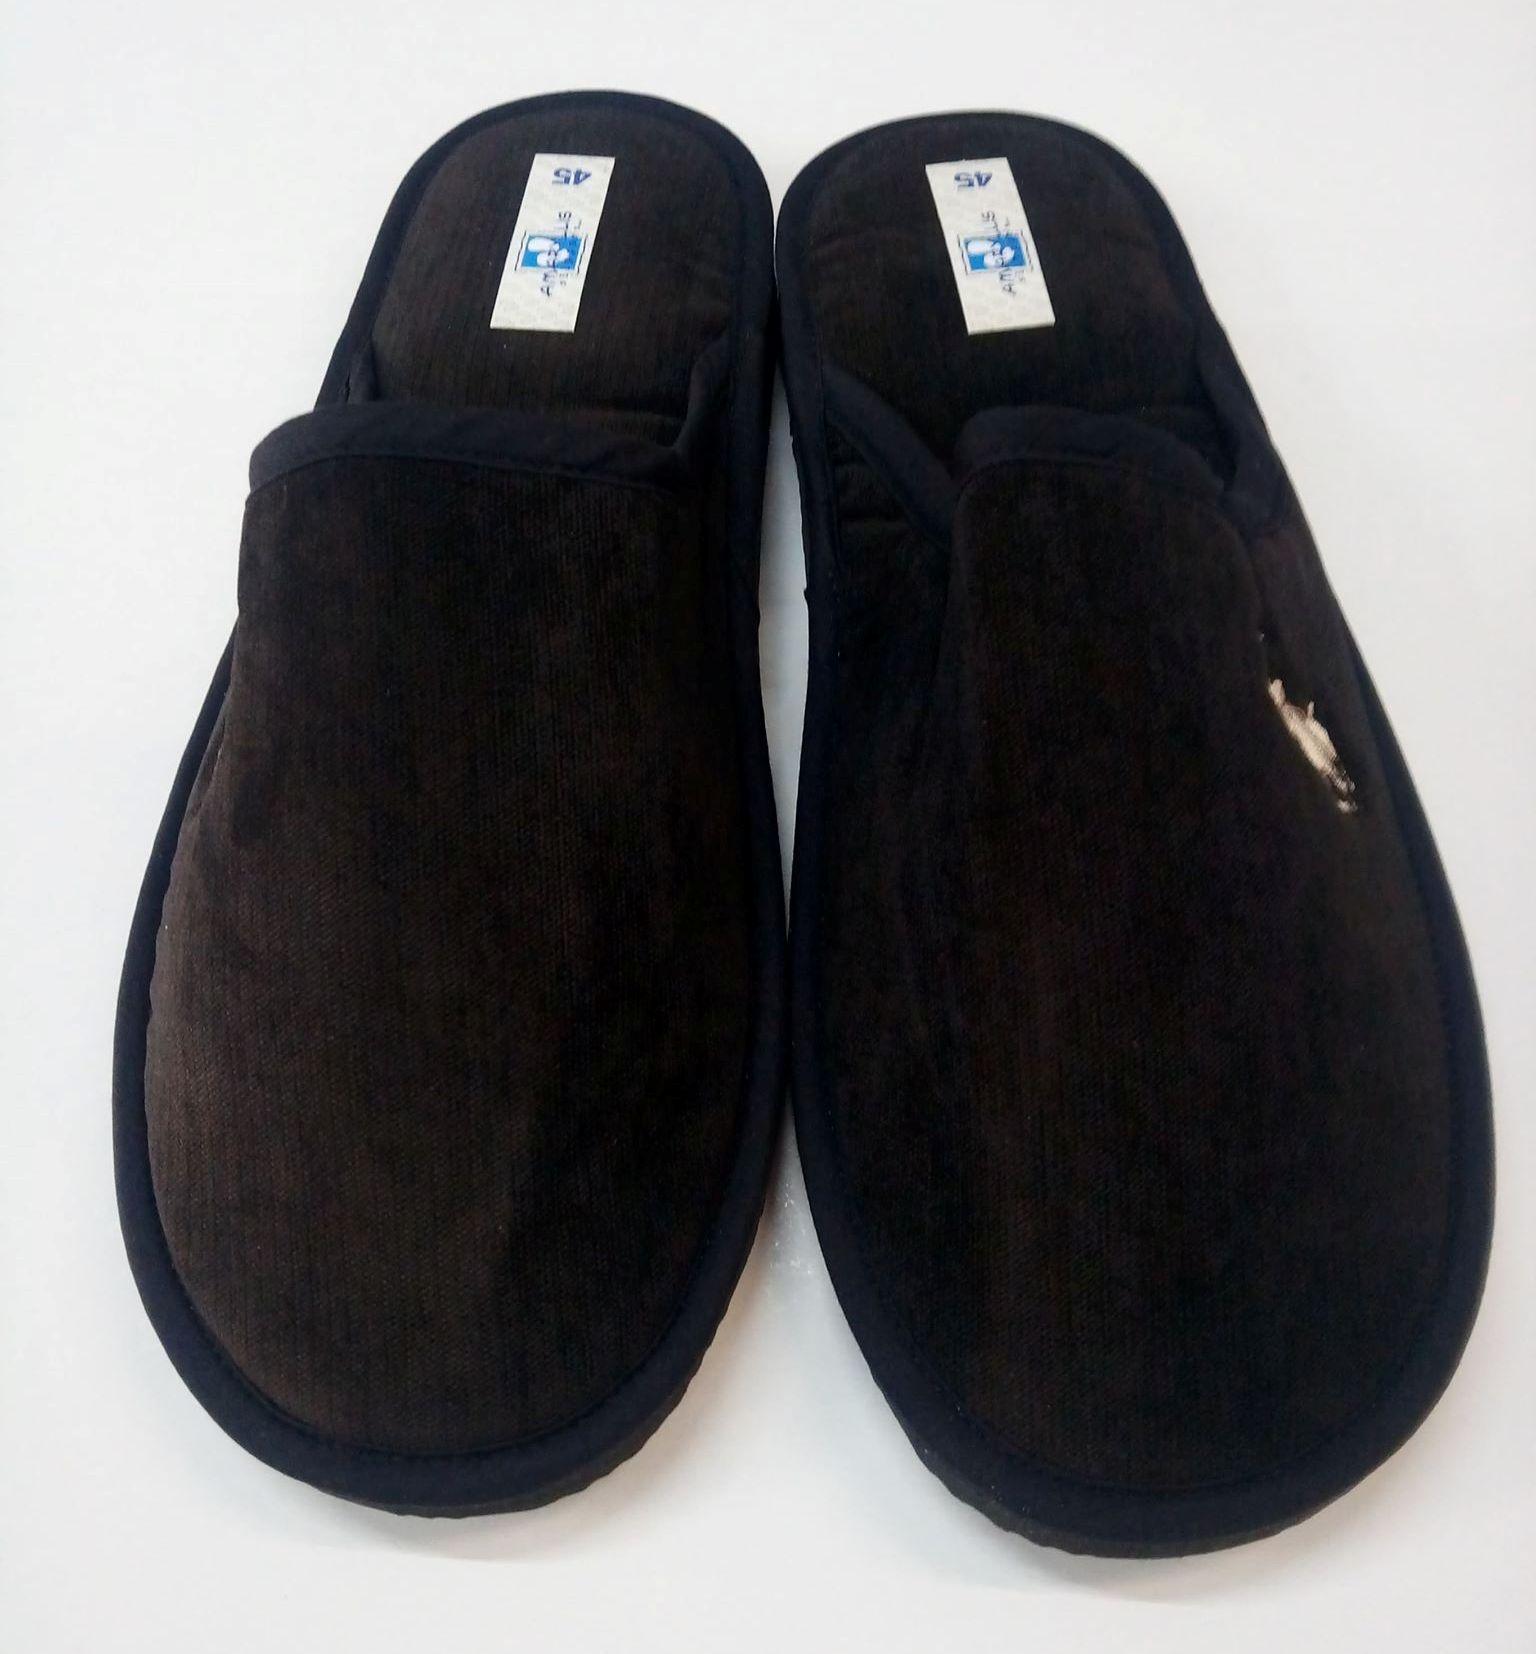 Ανδρικές παντόφλες Amaryllis Slippers ,5311,σκούρο καφέ, με κέντημα.